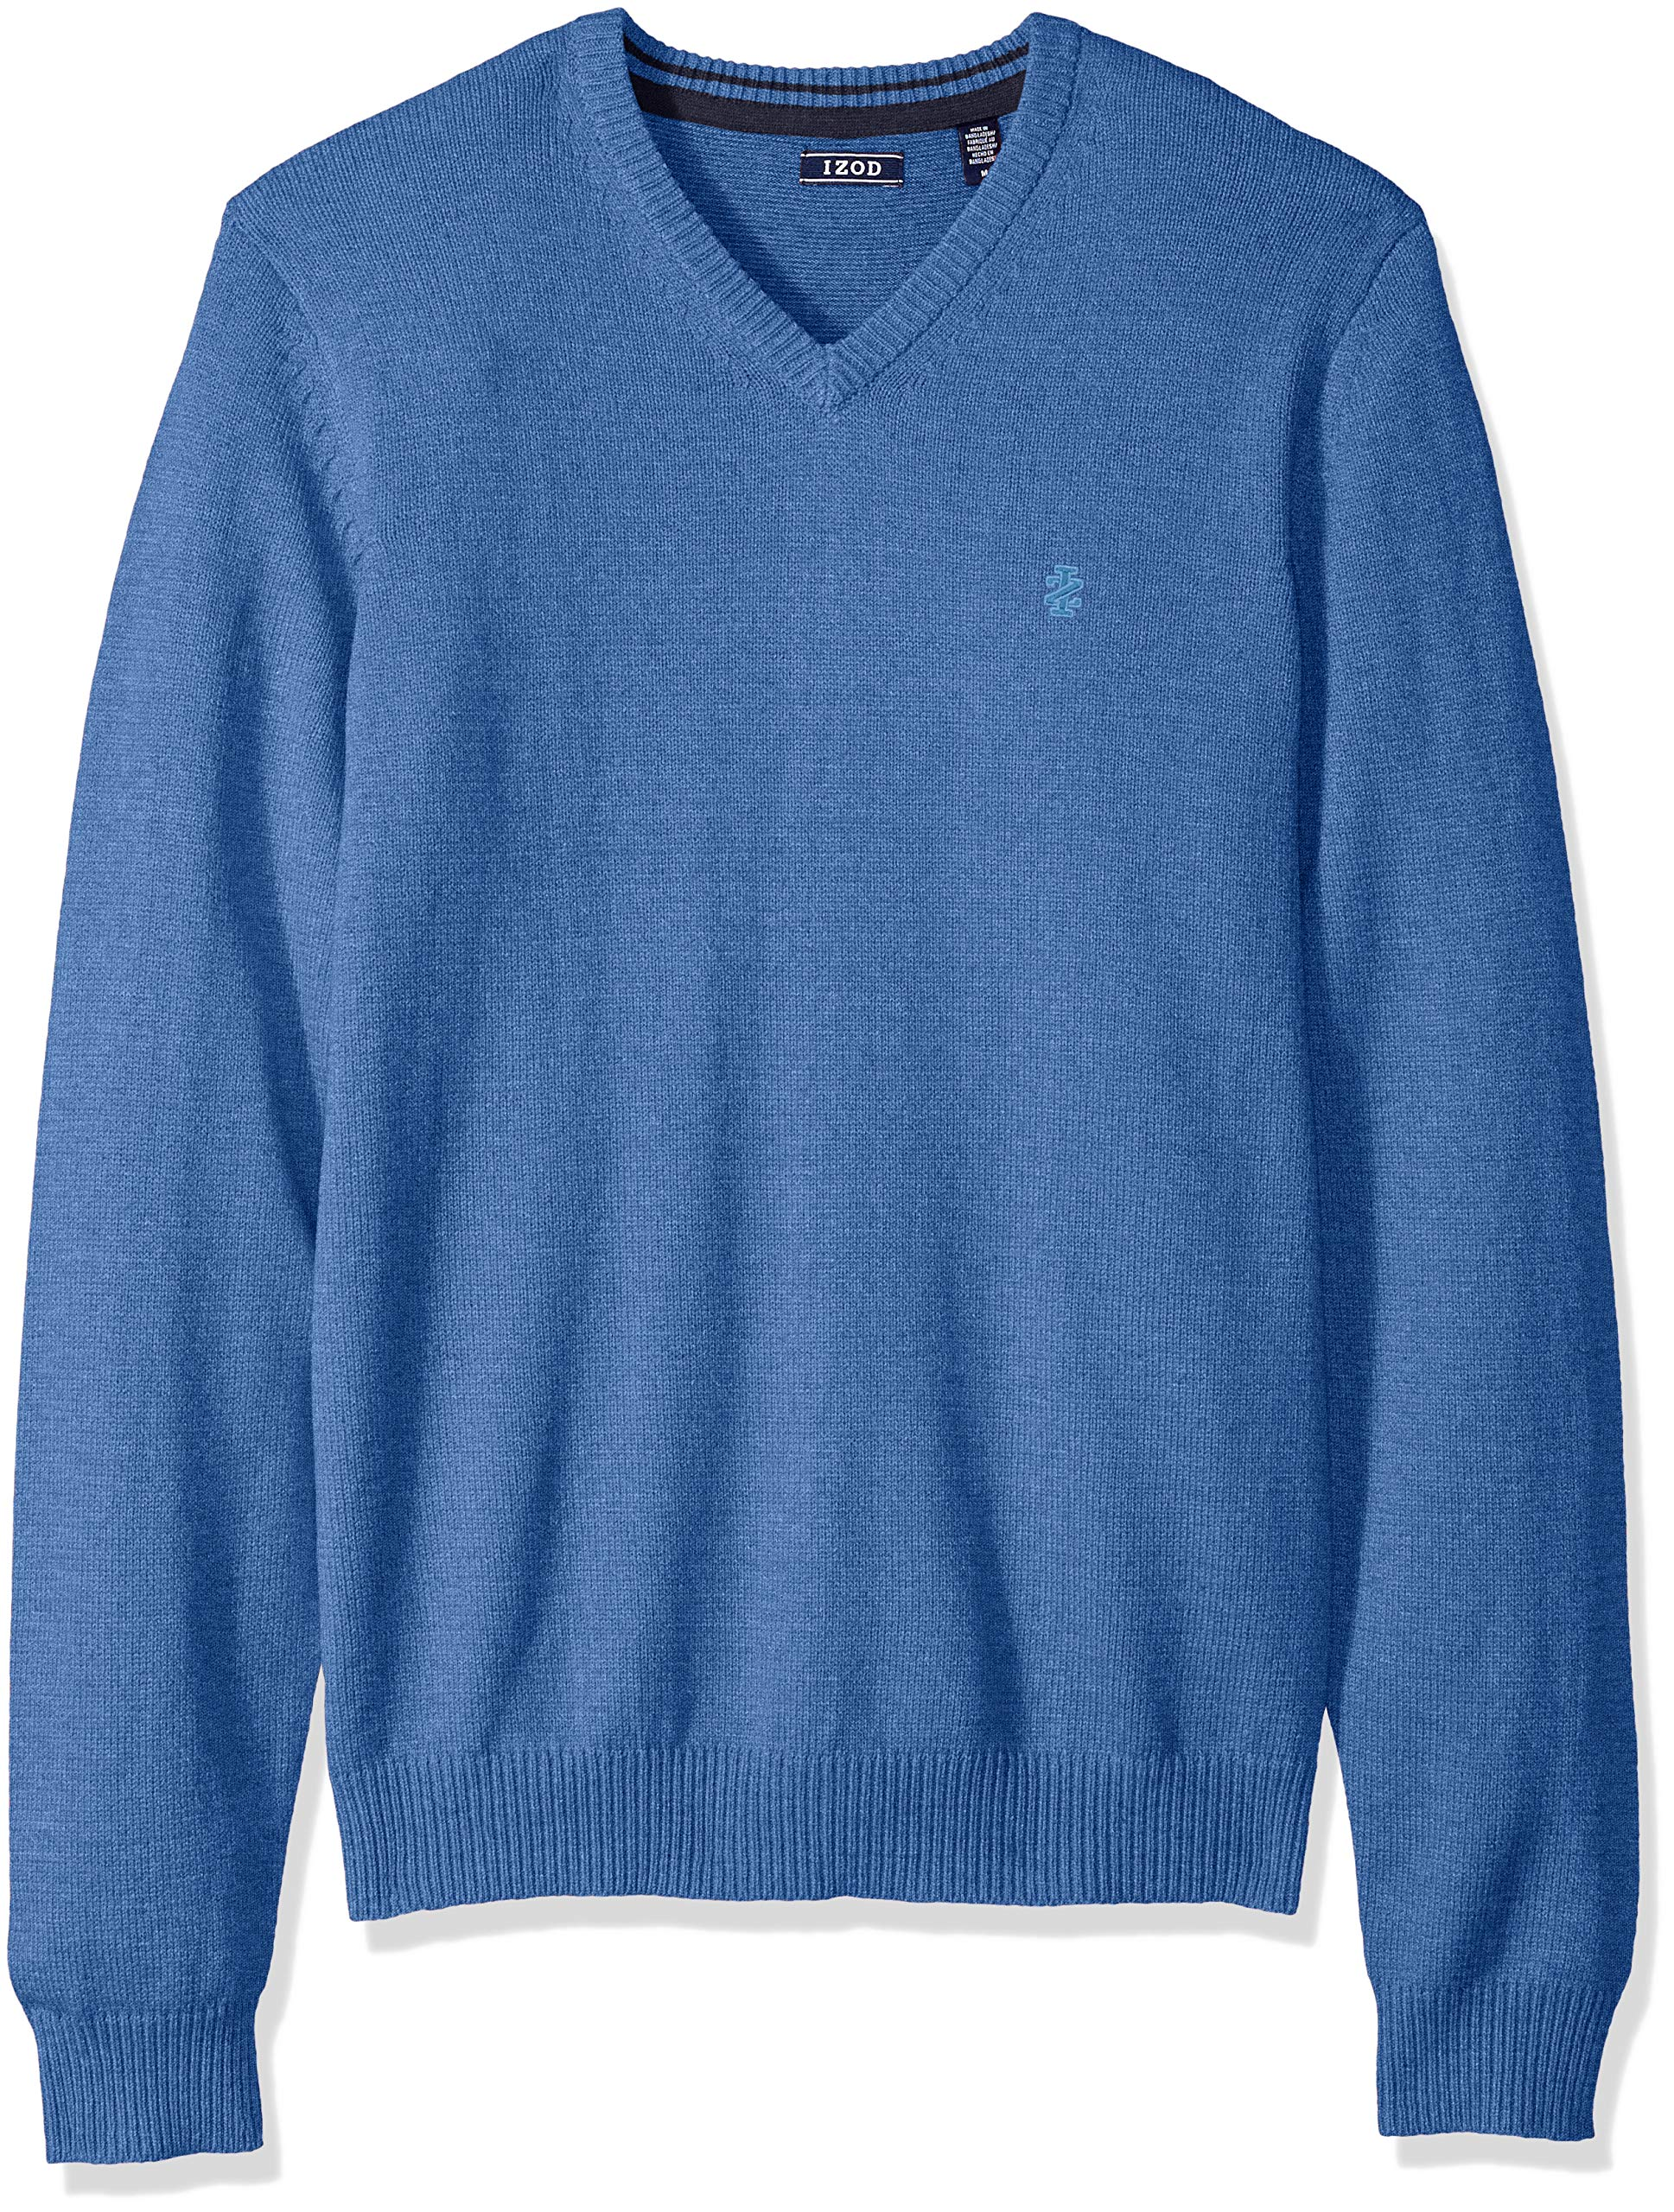 IZOD Mens Premium Essentials Solid V-Neck 12 Gauge Sweater